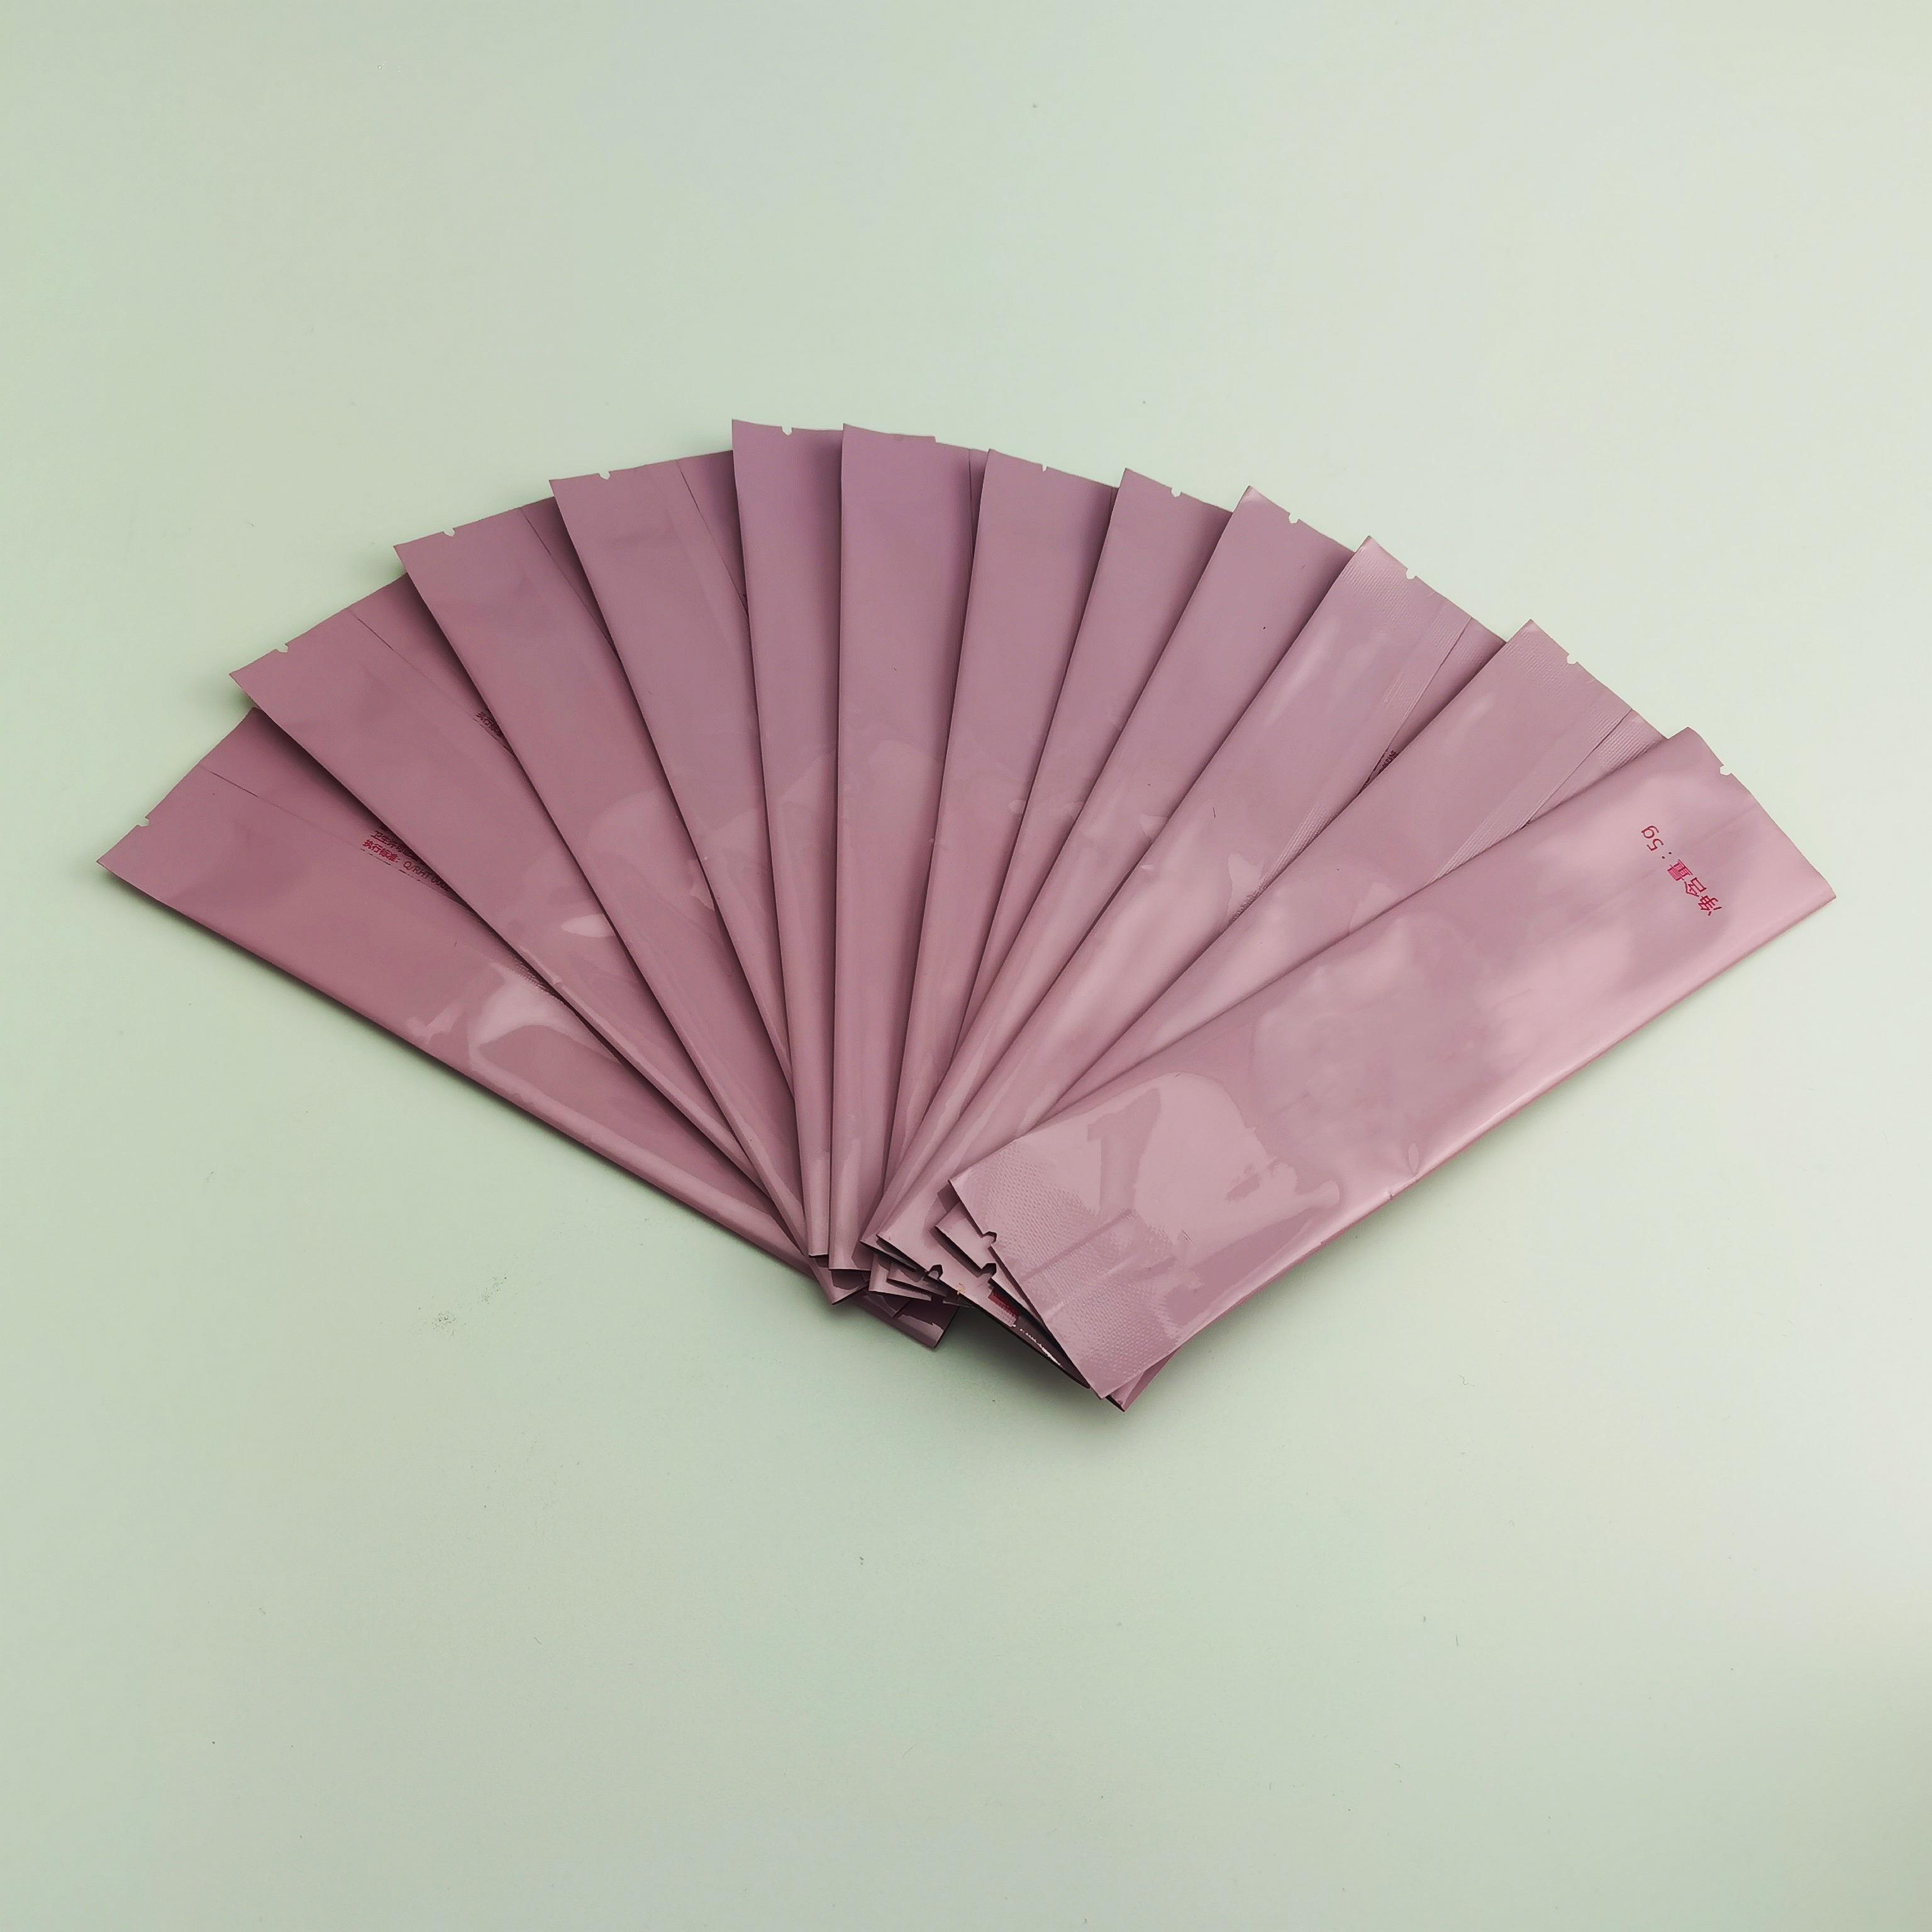 三边封铝箔包装袋网红酵素包装袋食品颗粒状包装袋易撕口镀铝袋